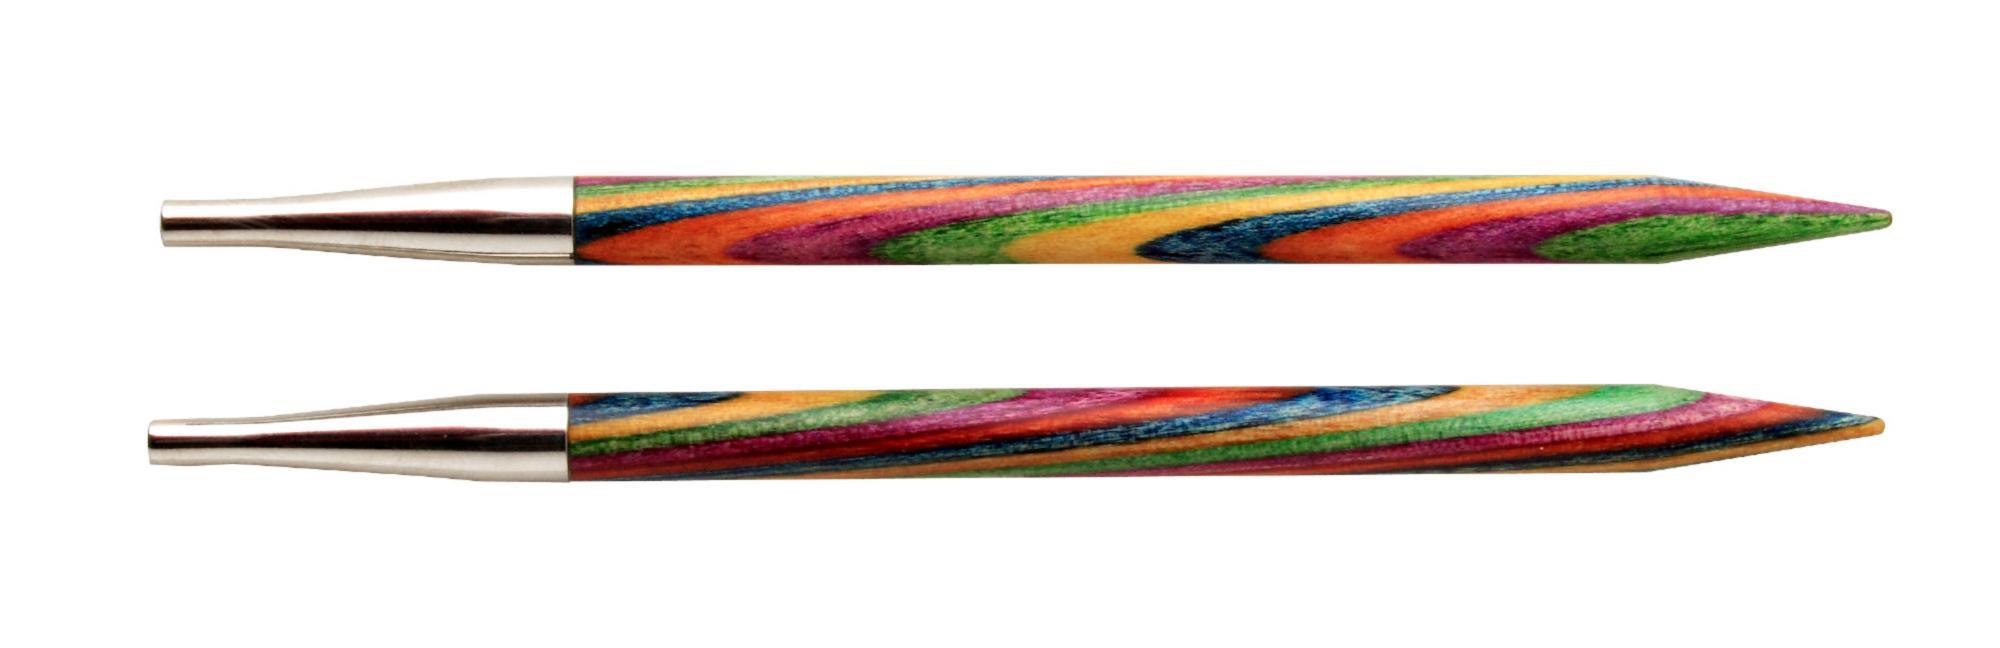 Спицы съемные Symfonie Wood KnitPro, 20405, 5.00 мм